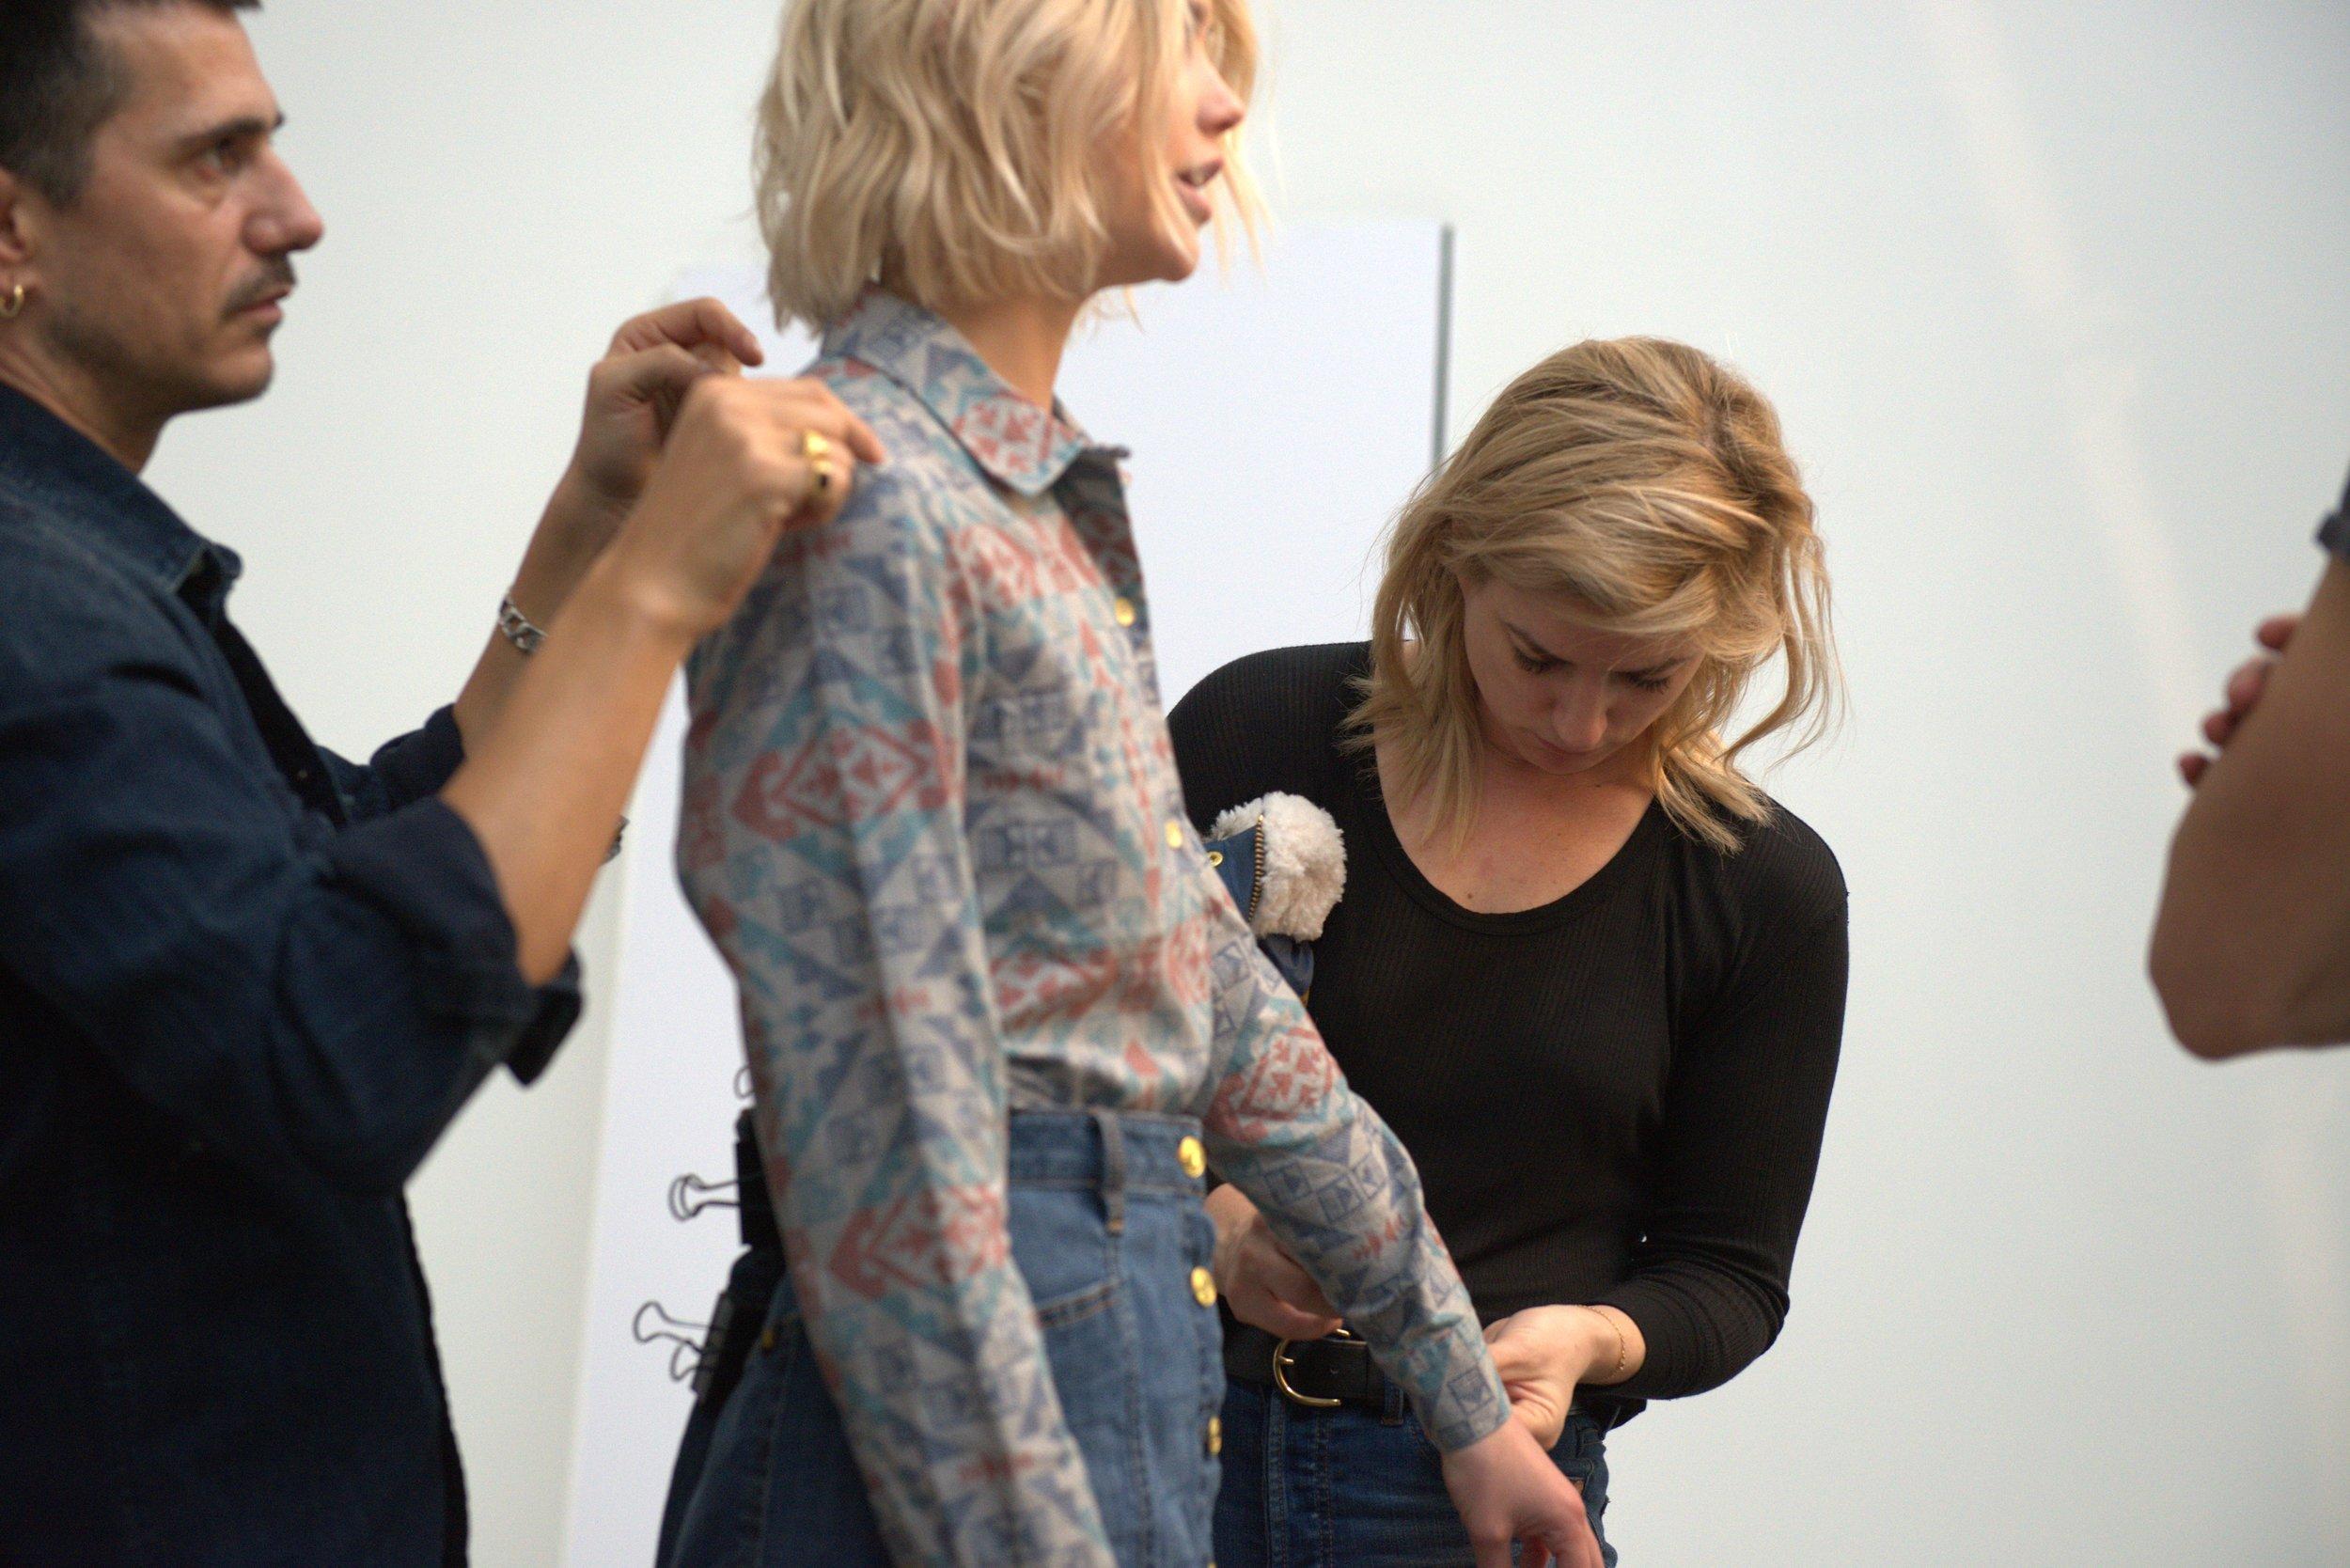 Ilaria styling the 'Northwest' boyfriend flannel shirt,  $80